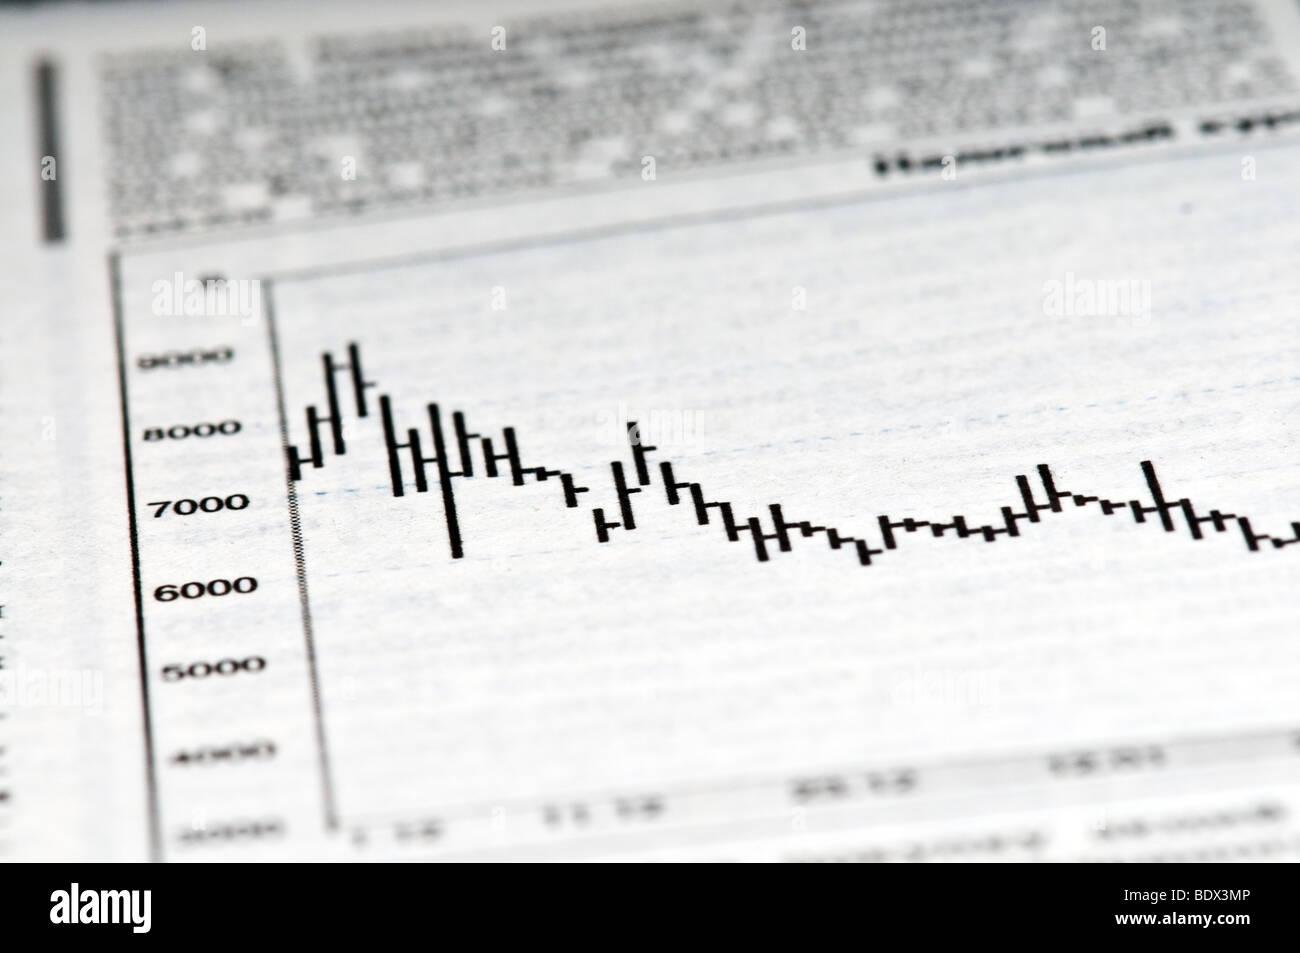 Análisis de un gráfico de cotizaciones impreso en un periódico financiero Imagen De Stock